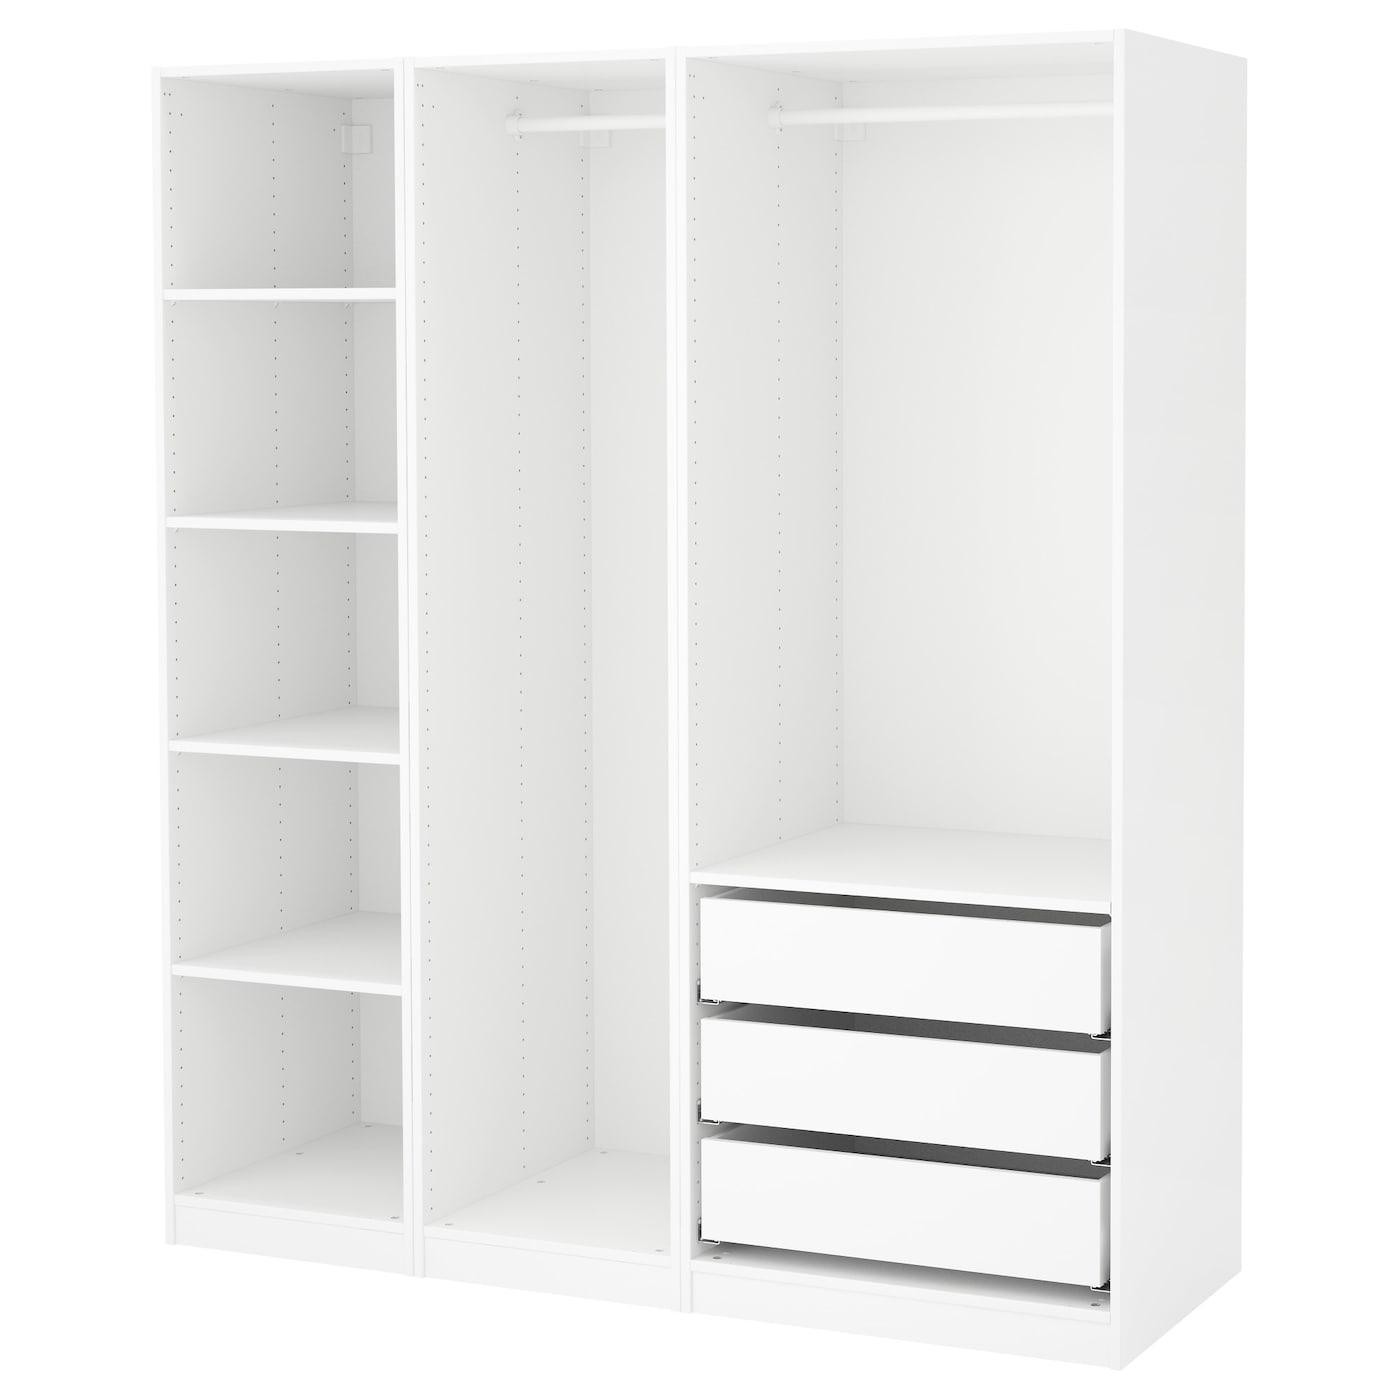 Pax wardrobe white 175x58x201 cm ikea - White armoire ikea ...